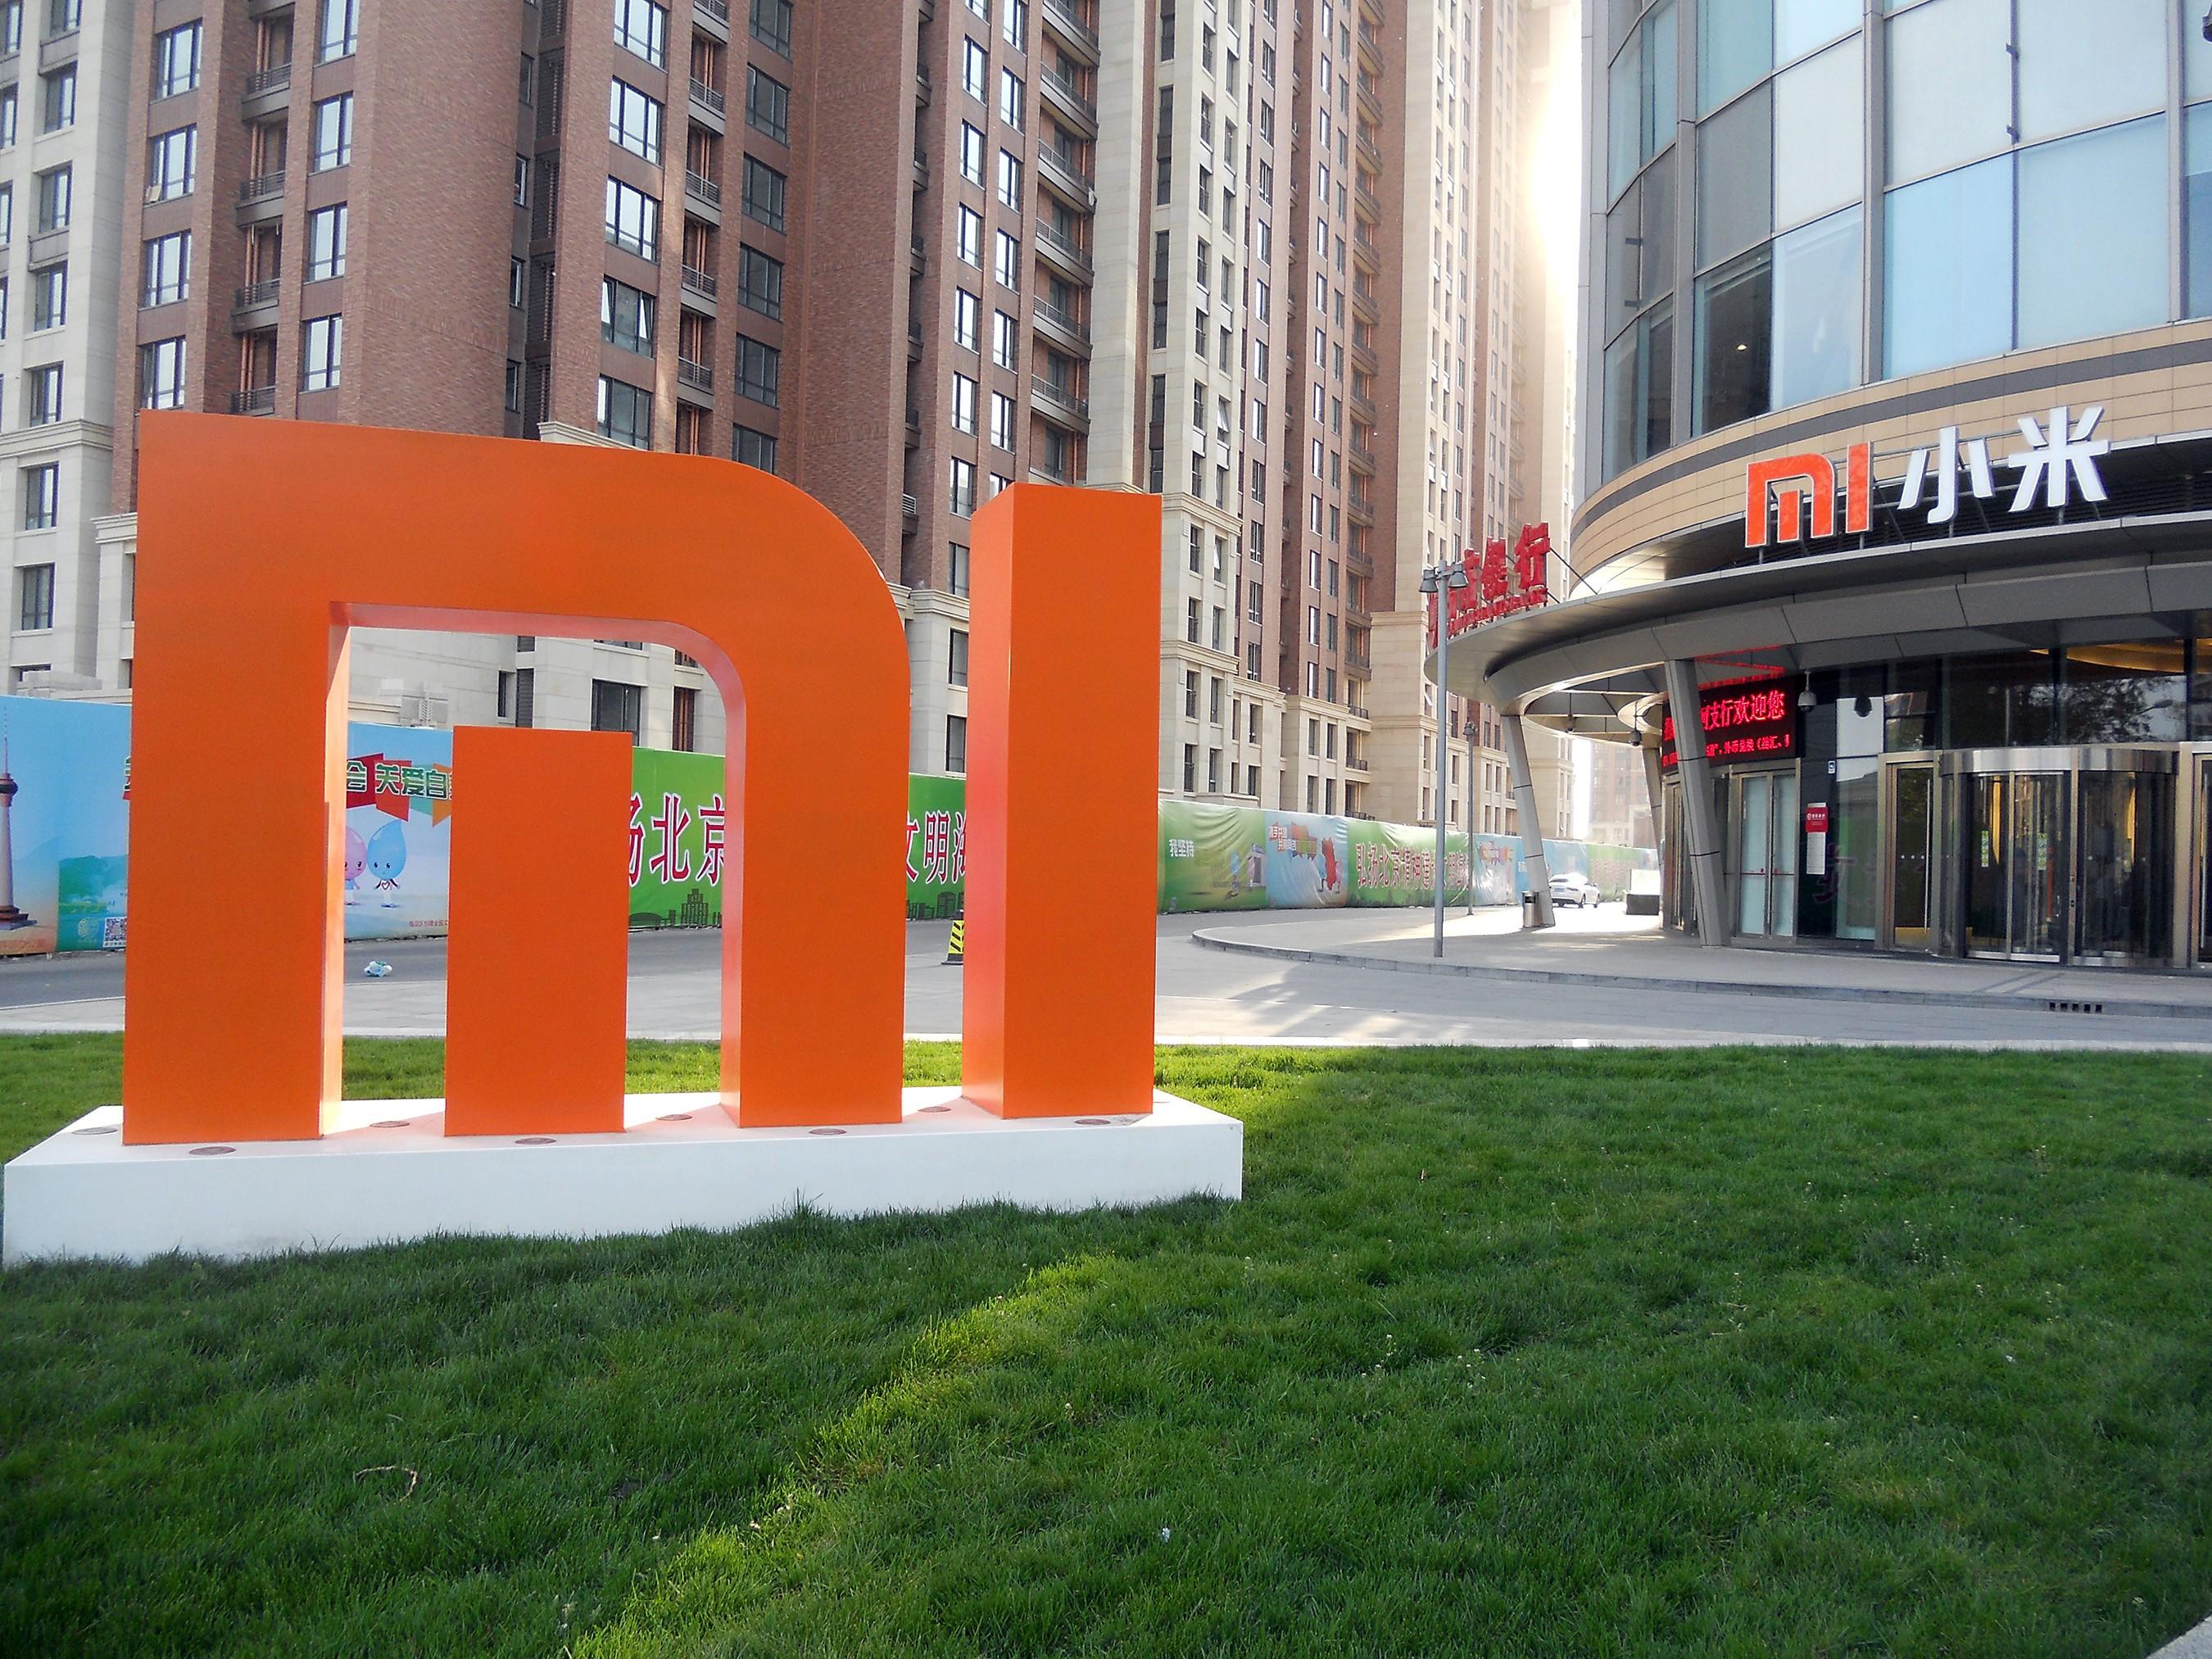 xiaomi - Lý giải việc Xiaomi chuyển trung tâm dữ liệu ra nước ngoài